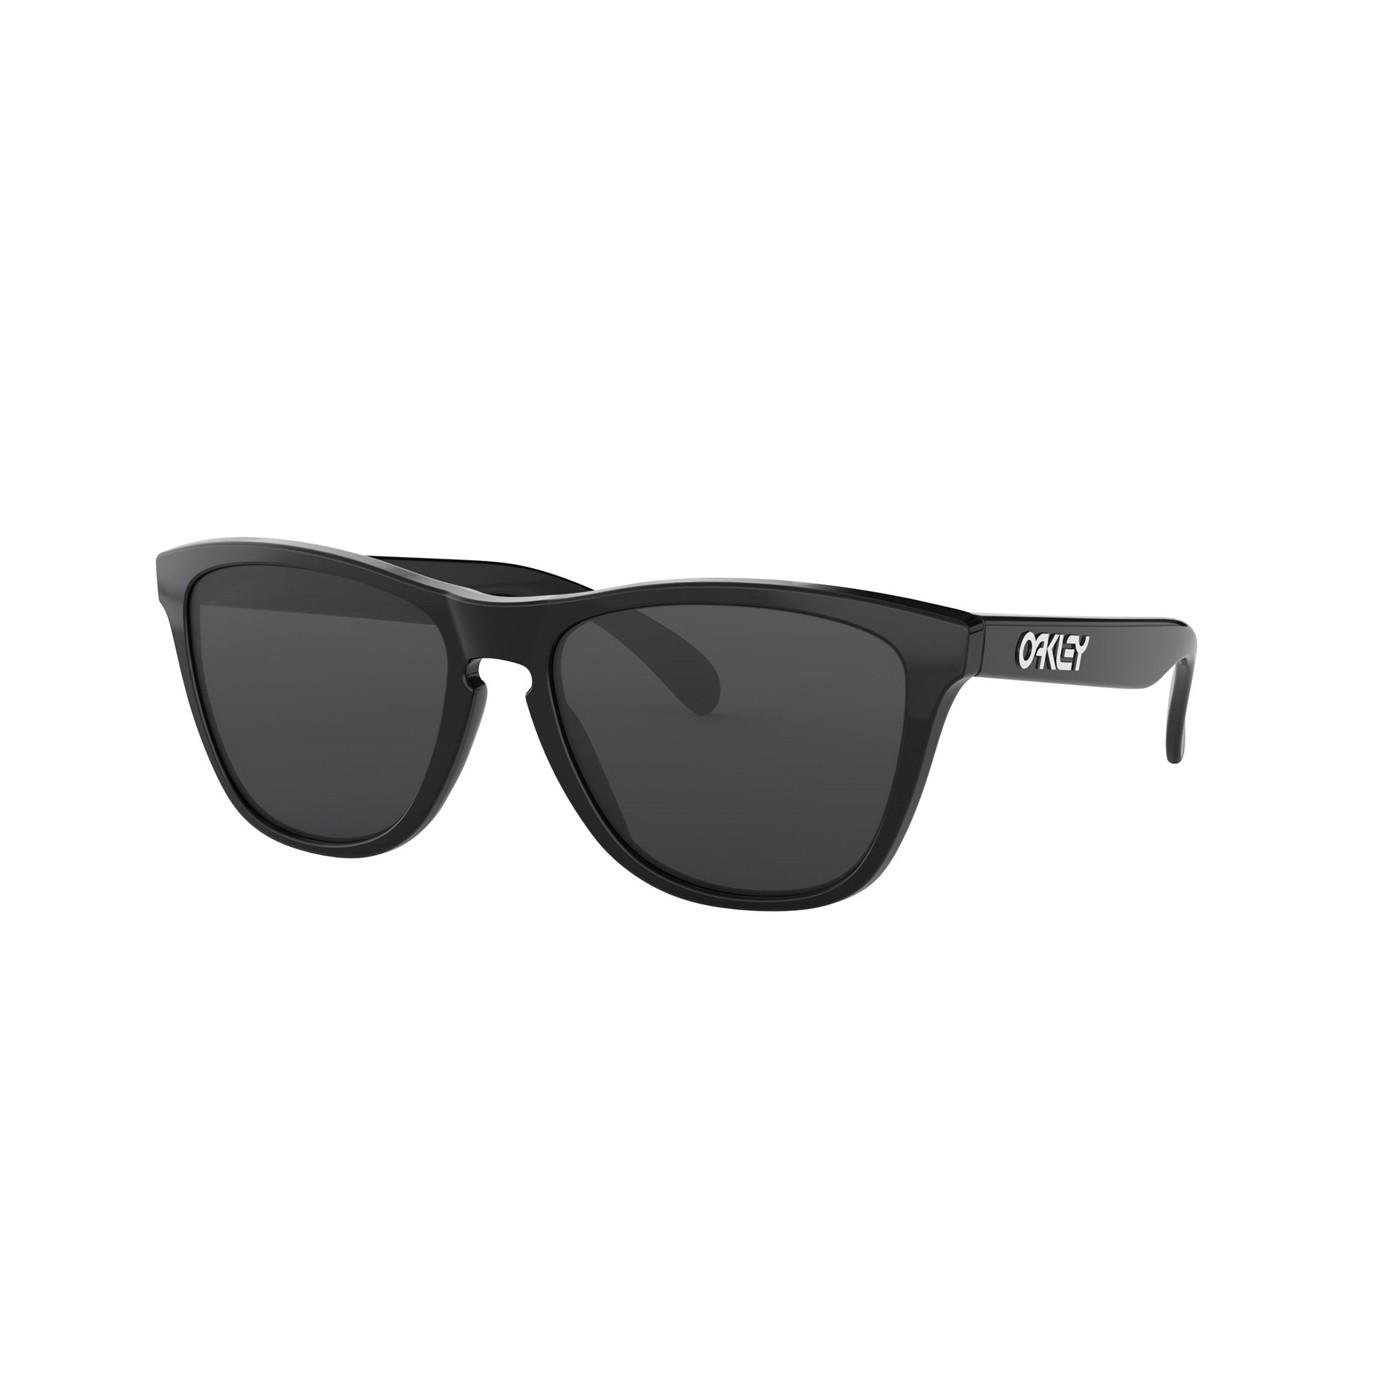 596ab233a Oakley Frogskins Polished Black Gafas de Sol OO901324-30655 - Gafas de sol